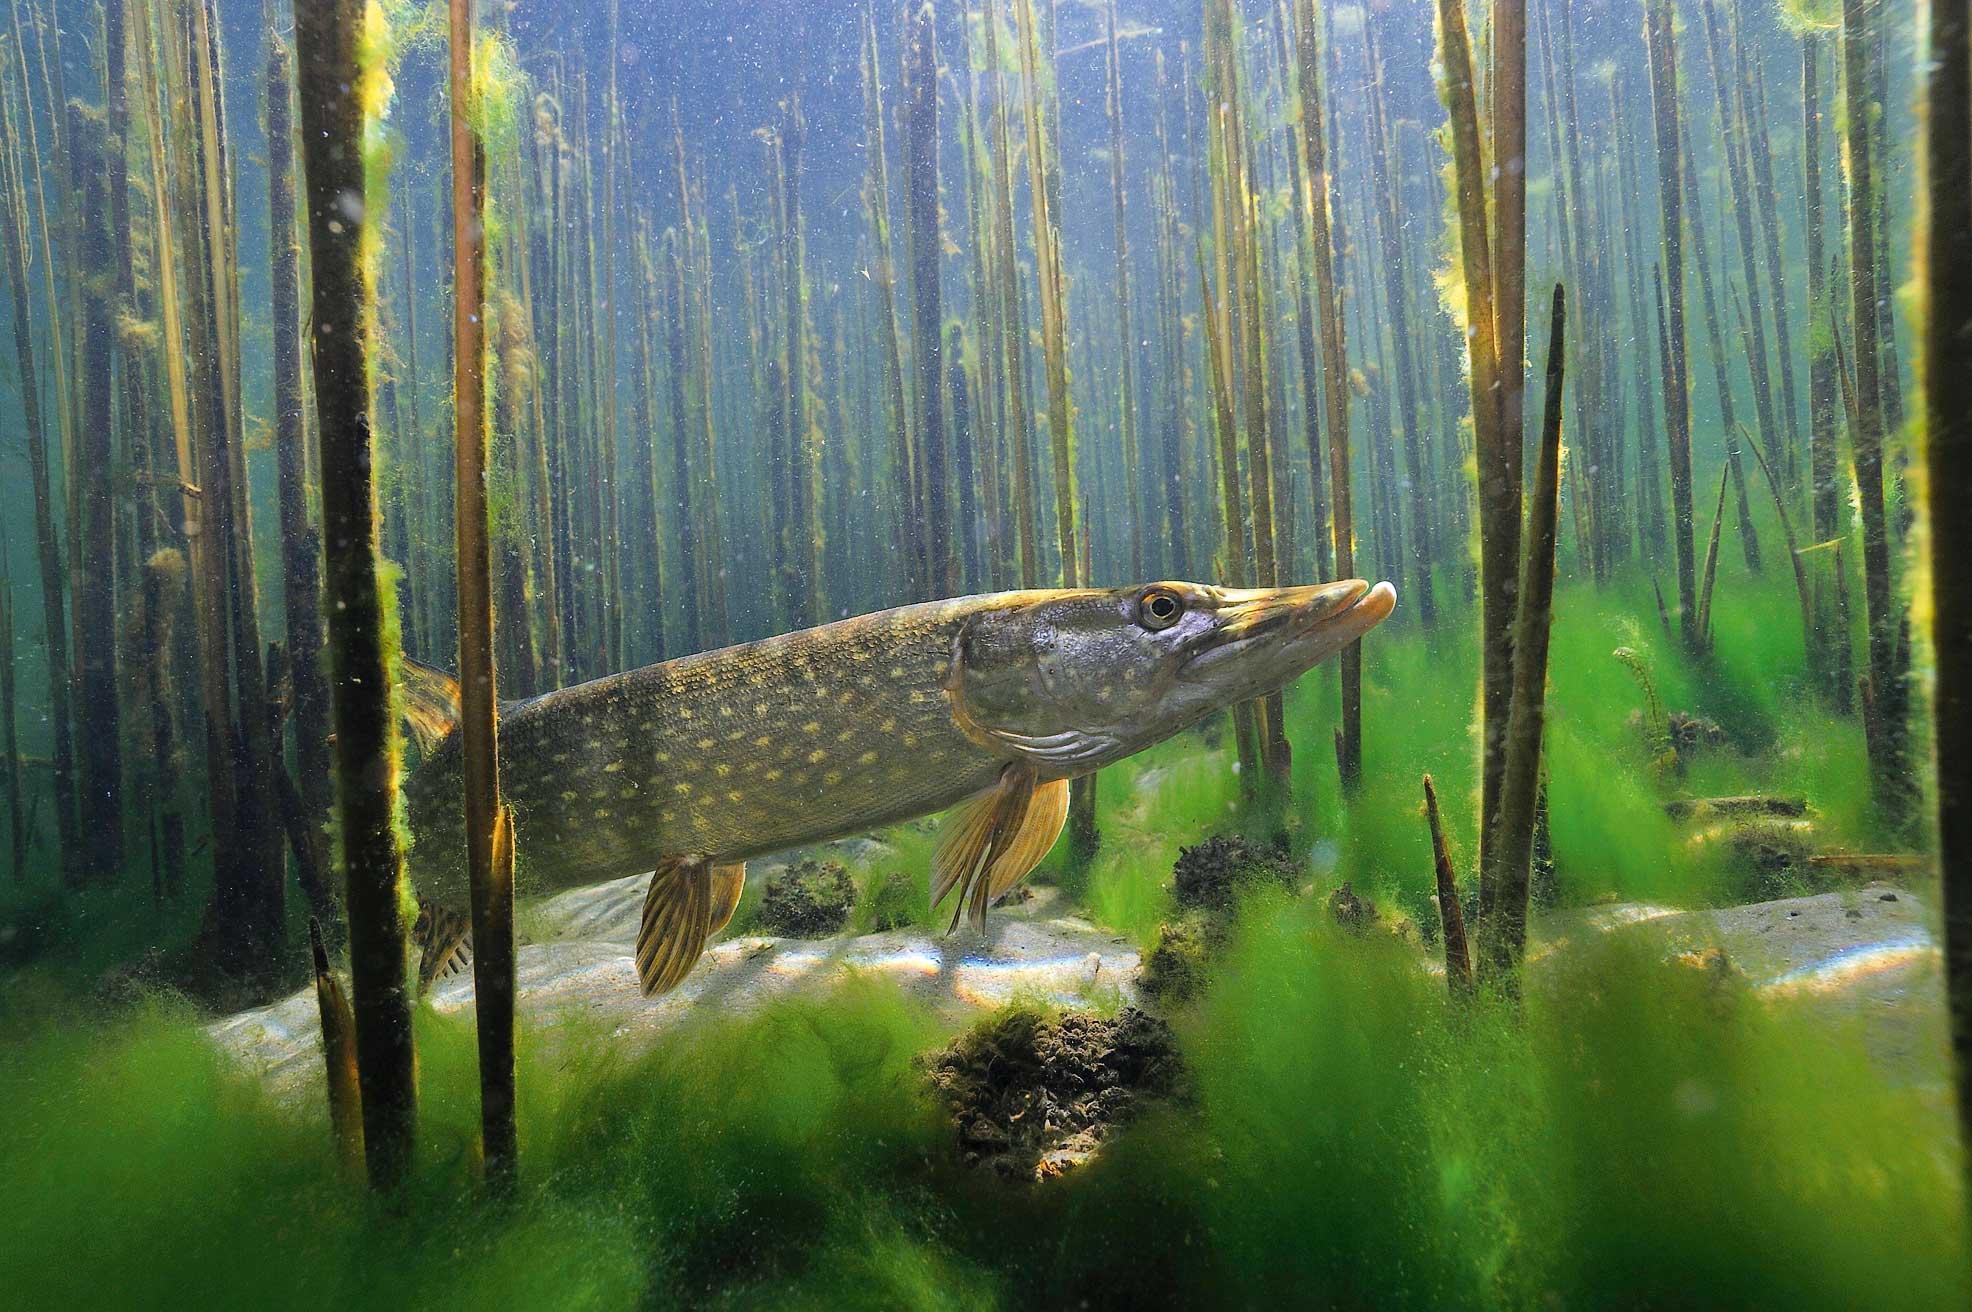 Aasta kala 2021 haug